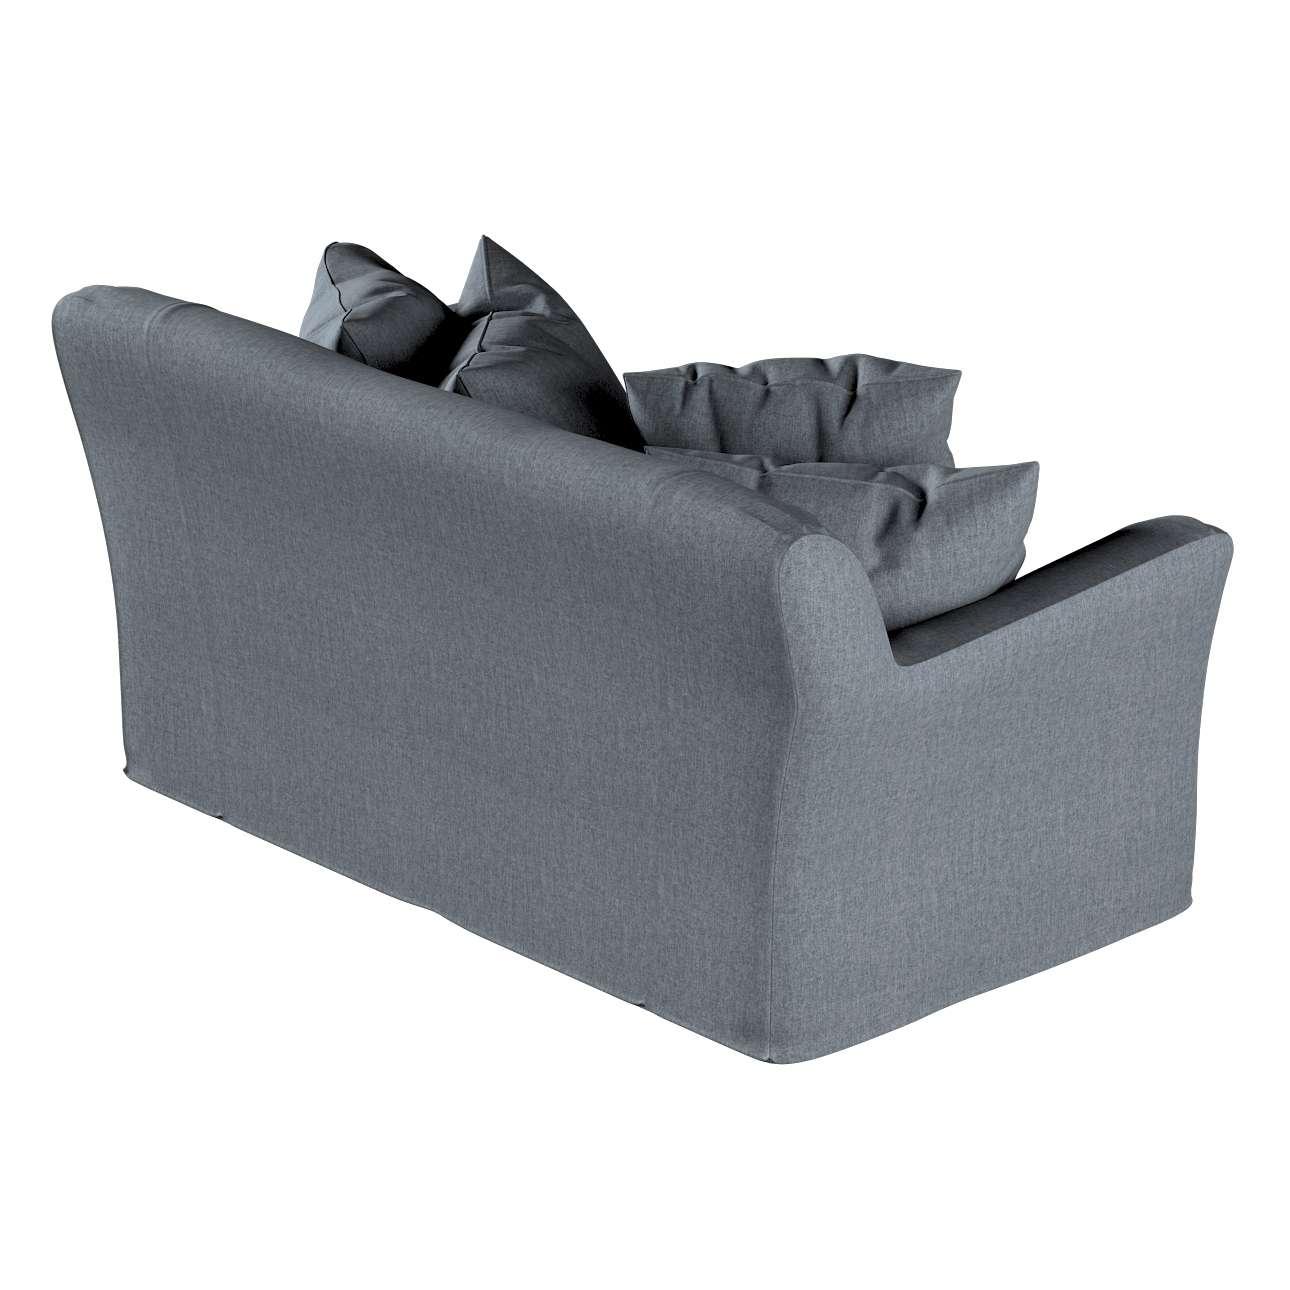 Pokrowiec na sofę Tomelilla 2-osobową nierozkładaną w kolekcji City, tkanina: 704-86